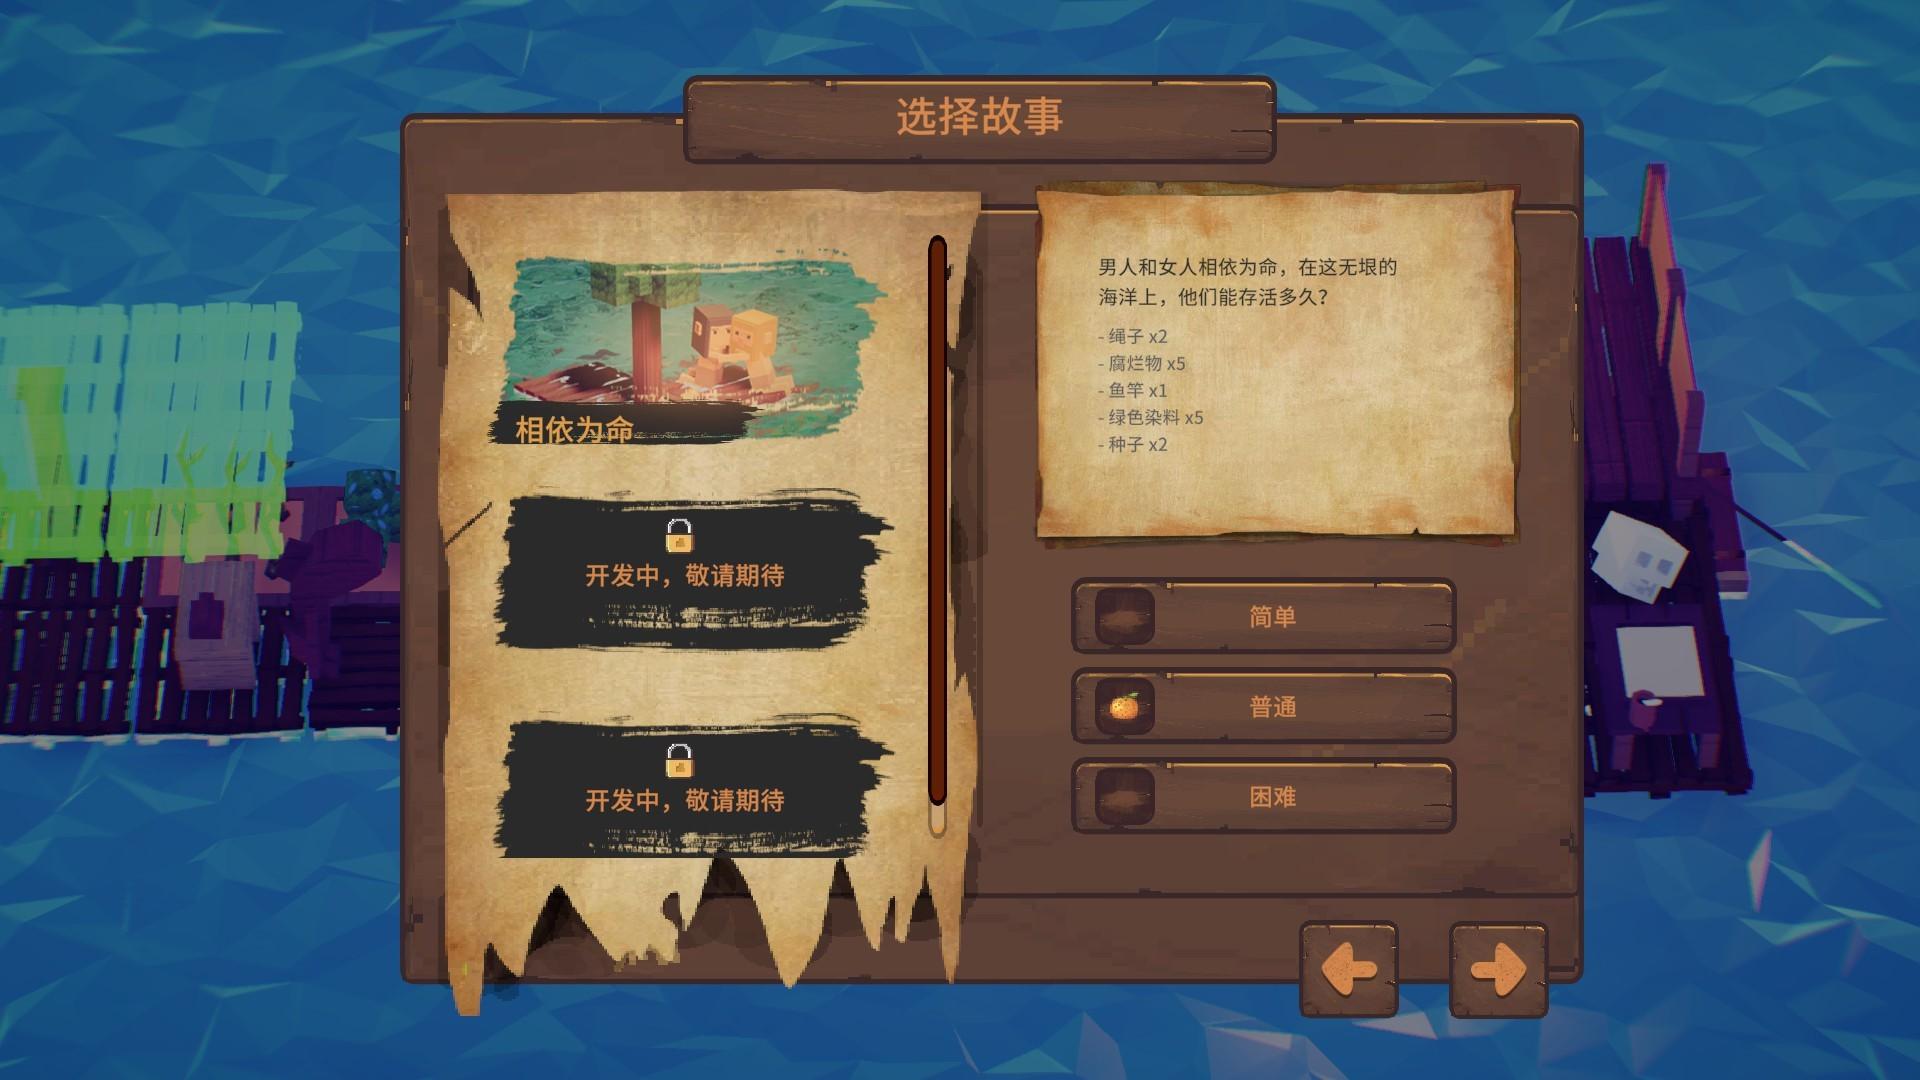 《最后的木头》评测:从三块木筏到无敌舰队的华丽转变